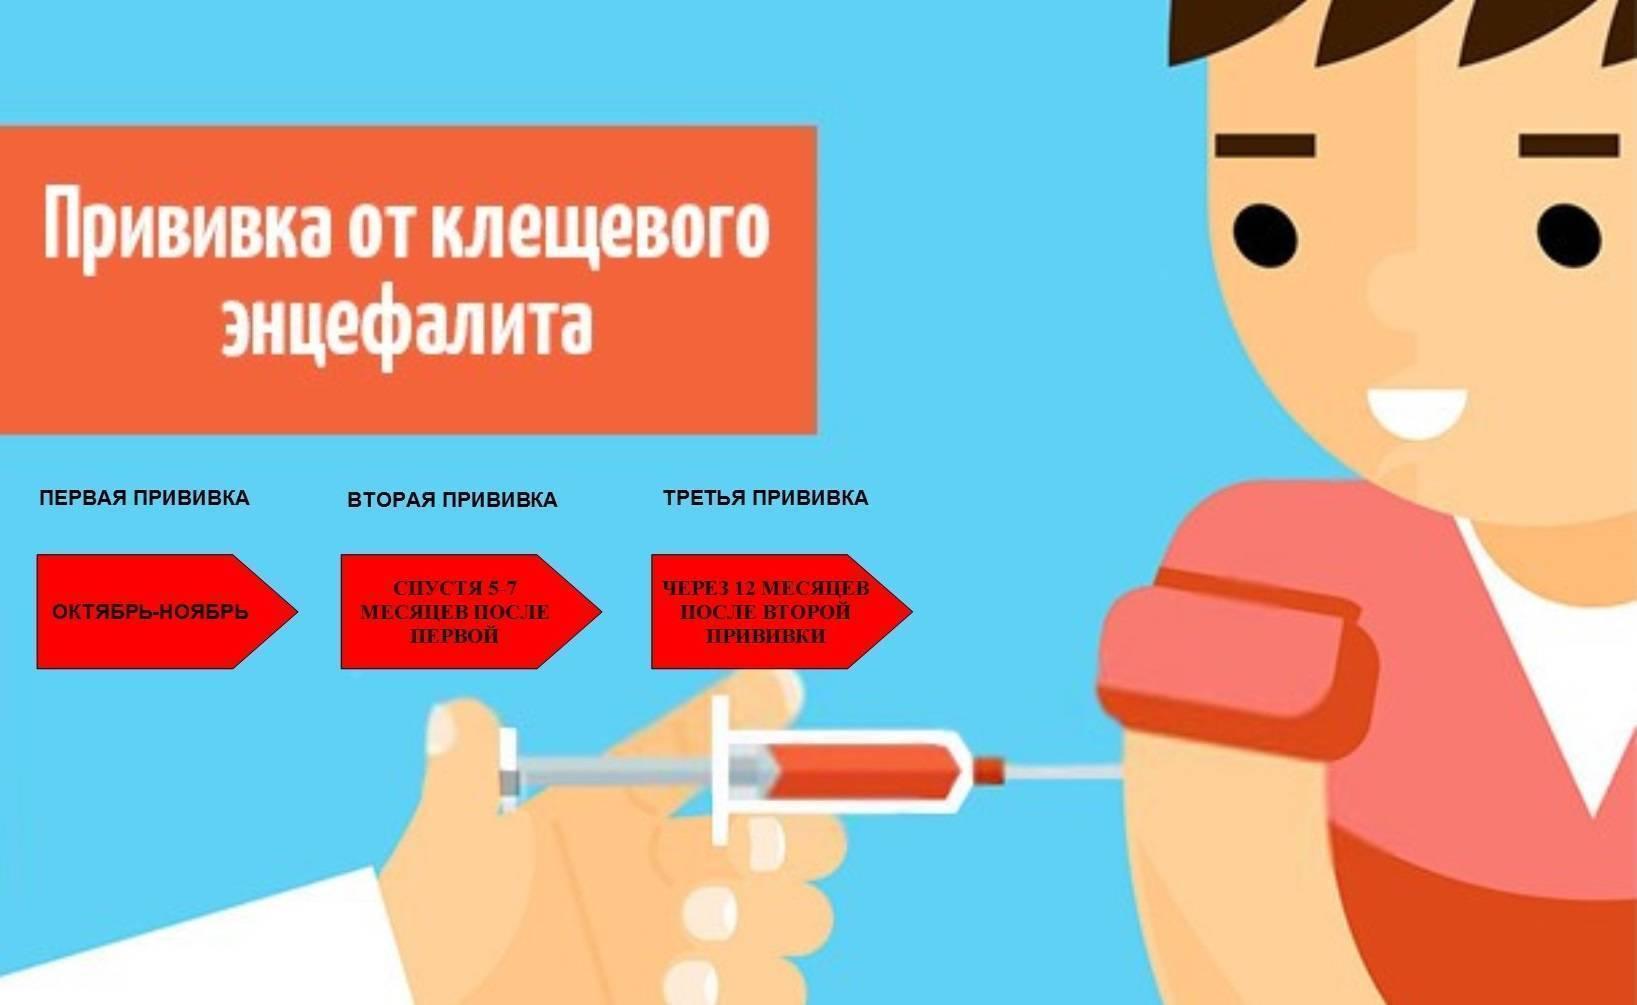 Схема прививок от клещевого энцефалита